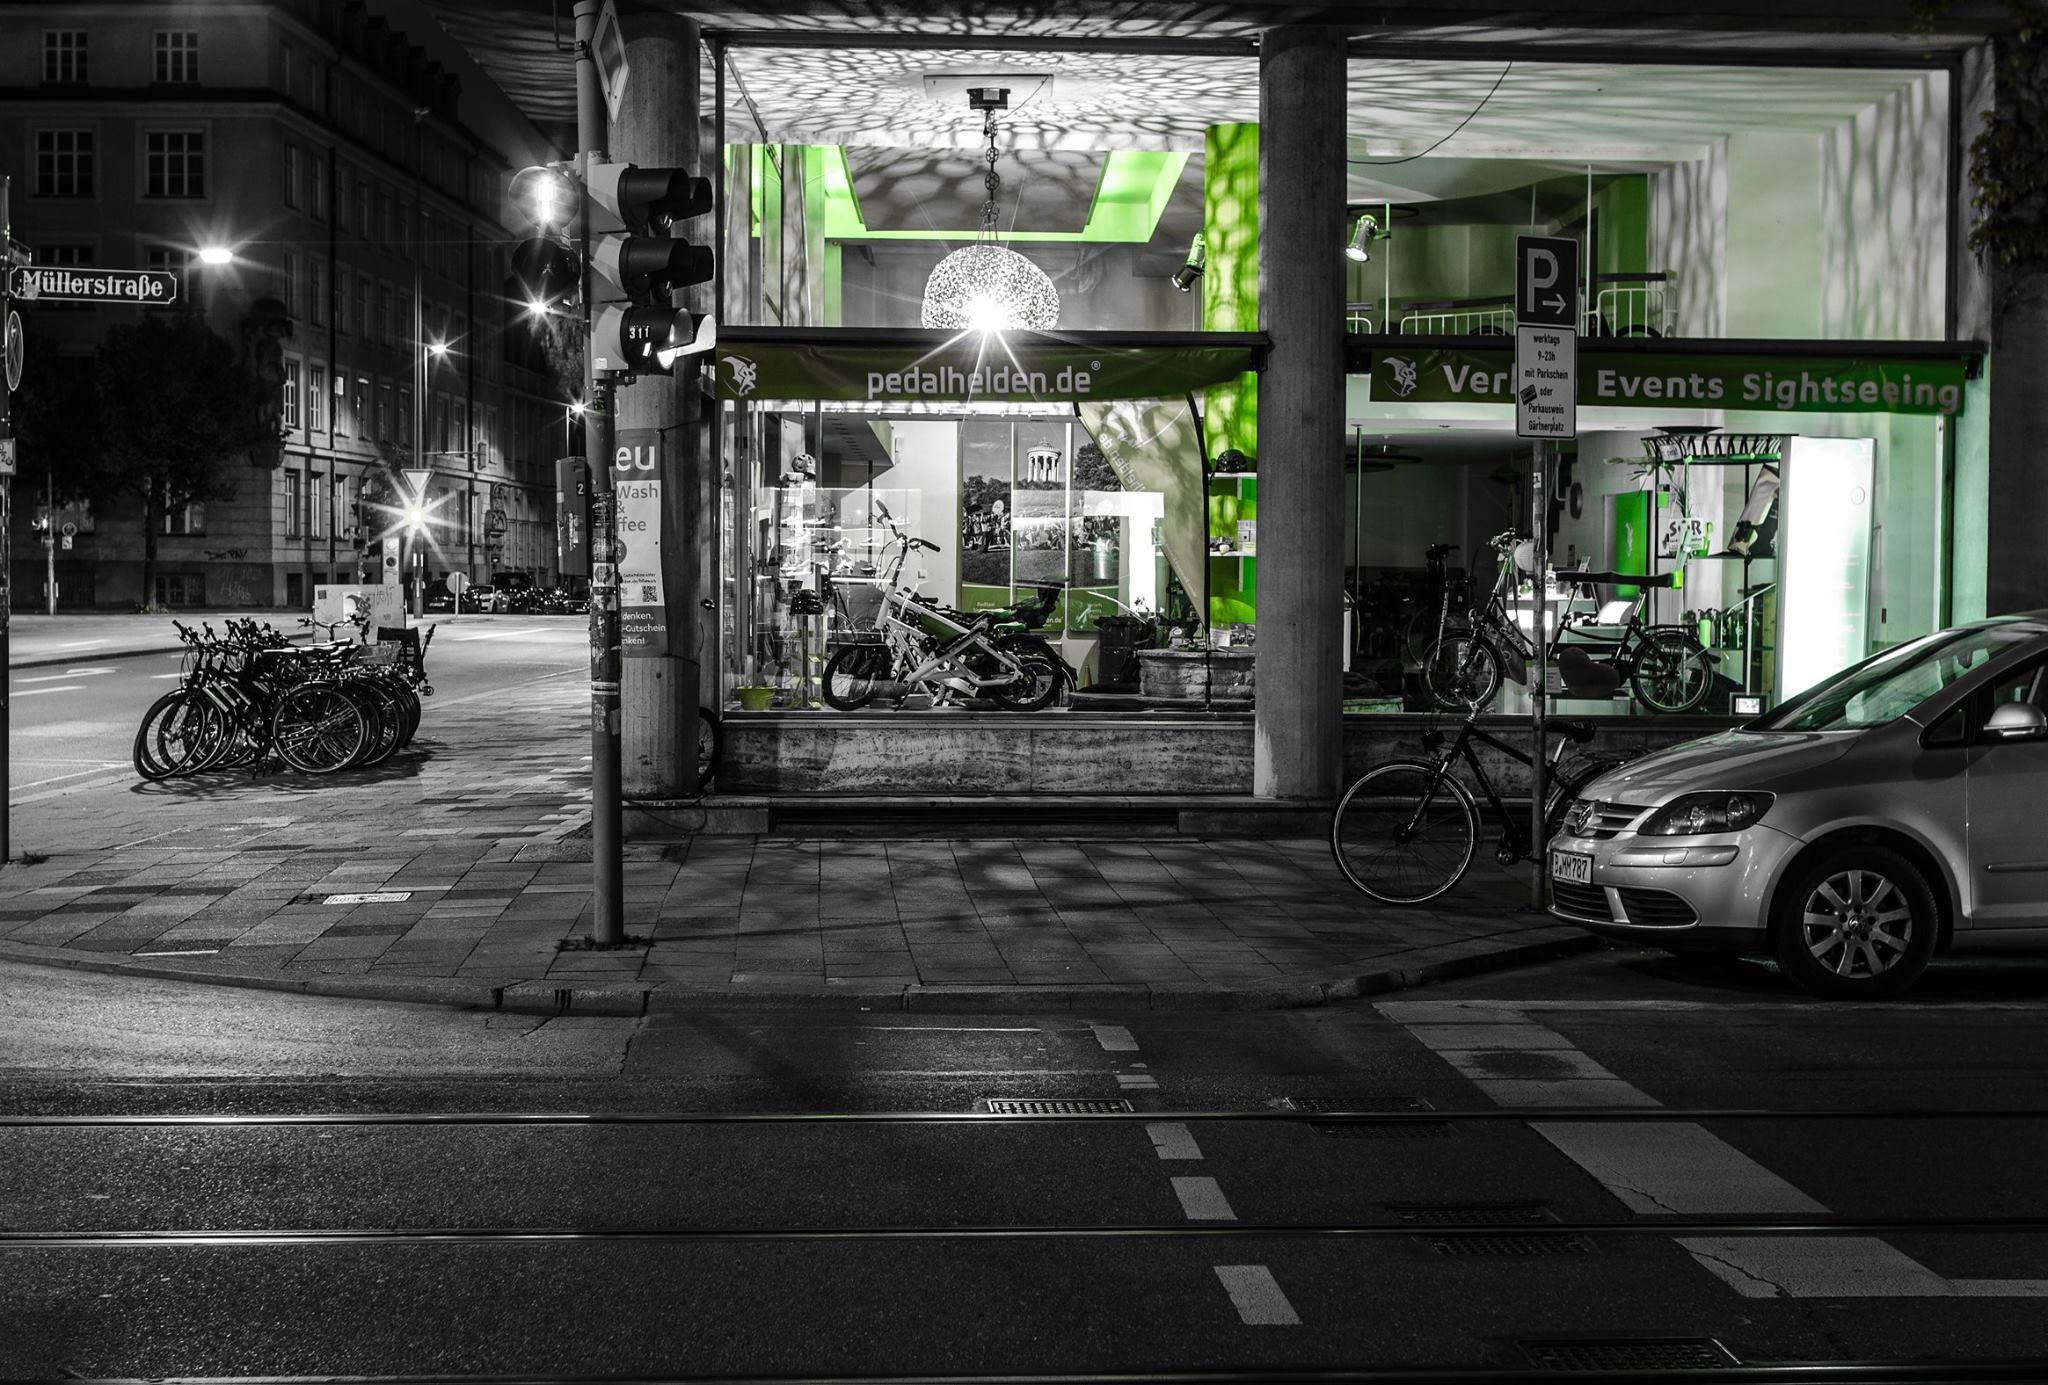 Pedalhelden auf NEUEM STERN: ab 11. Oktober in der MARSstraße 11